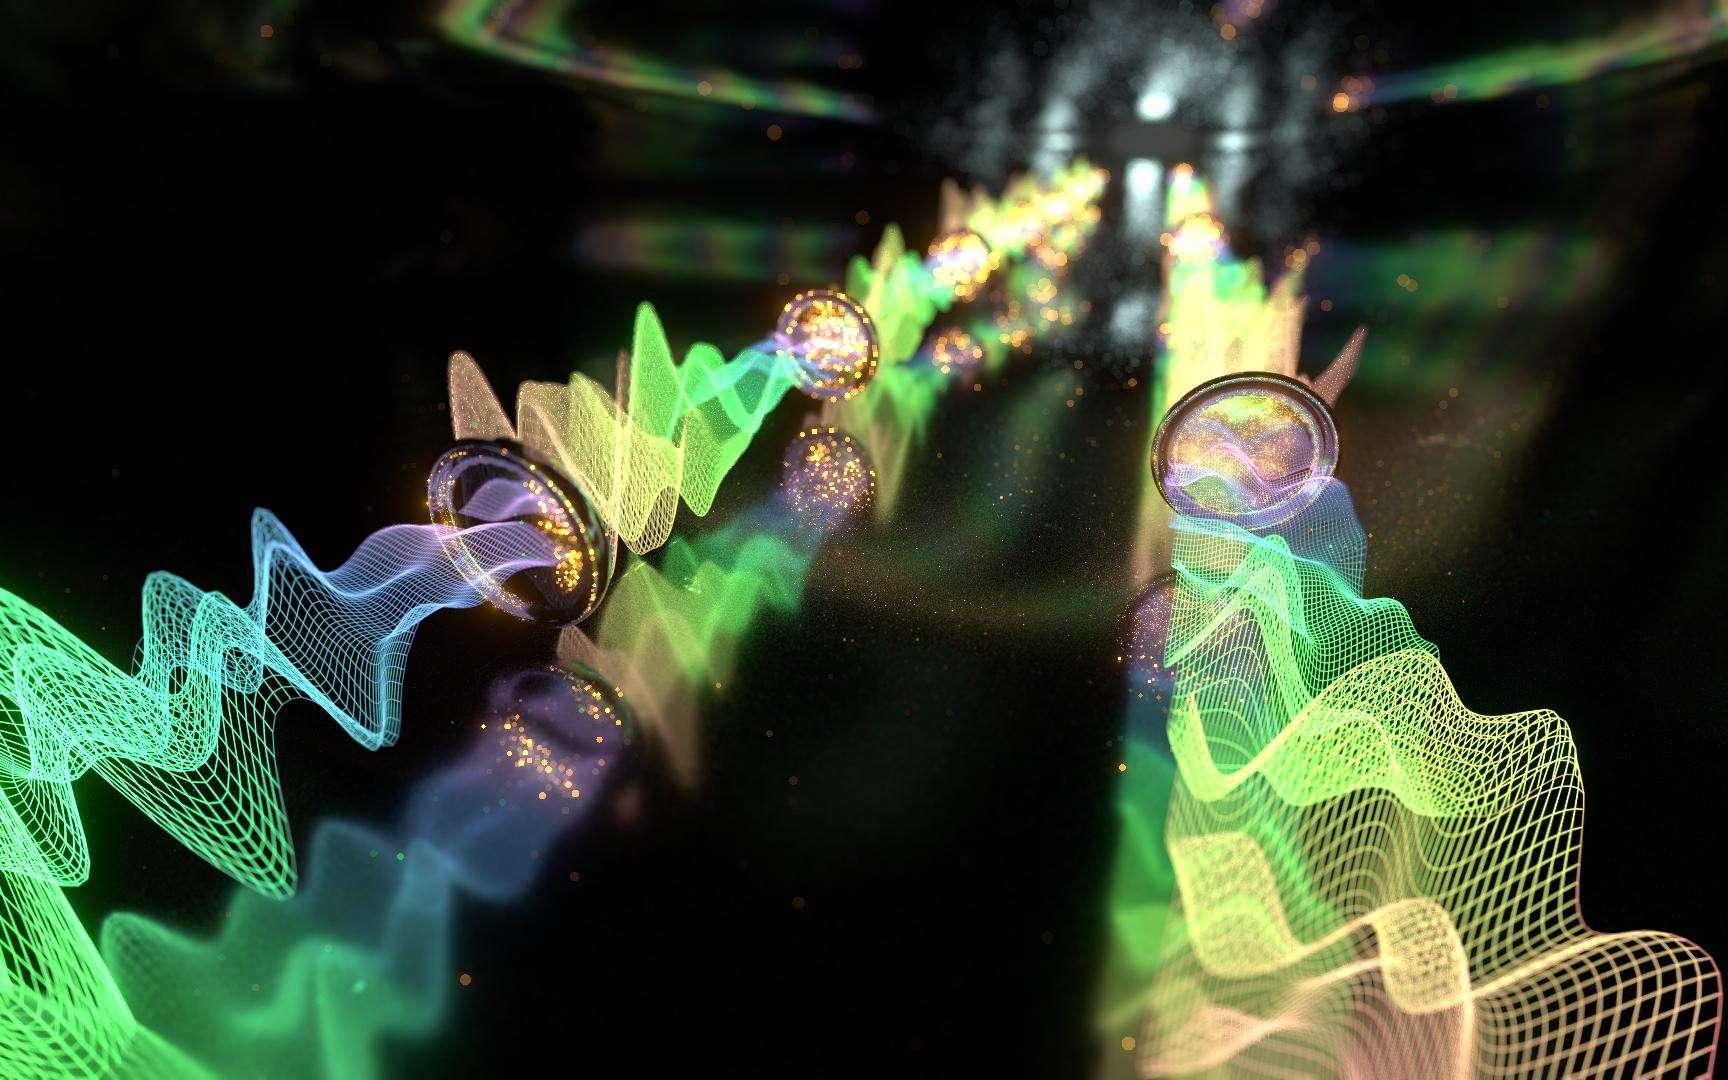 Des haut-parleurs comme relais acoustiques microscopiques pour entretenir les ondes sonores au cœur des matériaux. © Jamani Caillet, EPFL